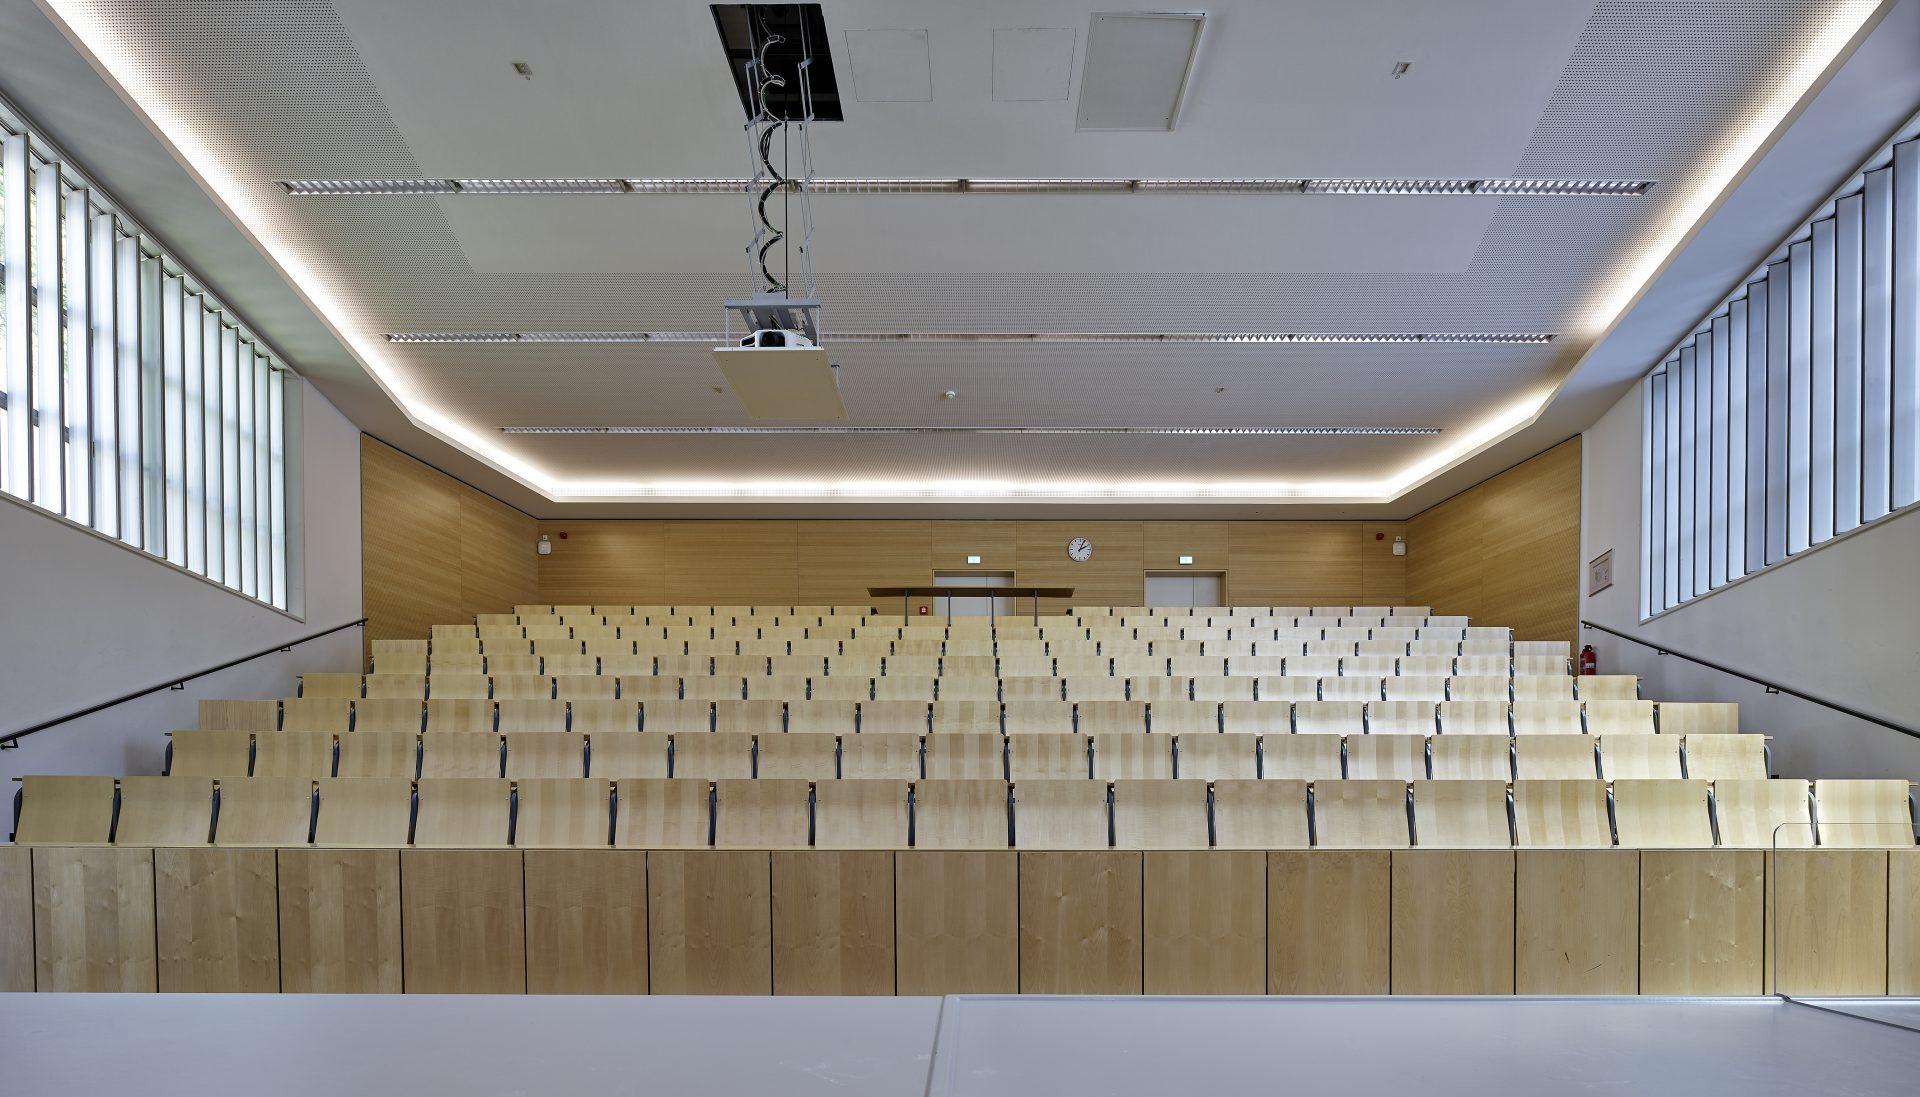 http://www.stricker-architekten.de/projekte/forschunglehre/leibniz-universitaet-hannover-umbau-und-sanierung-hochschulgebaeude-2505-hannover/